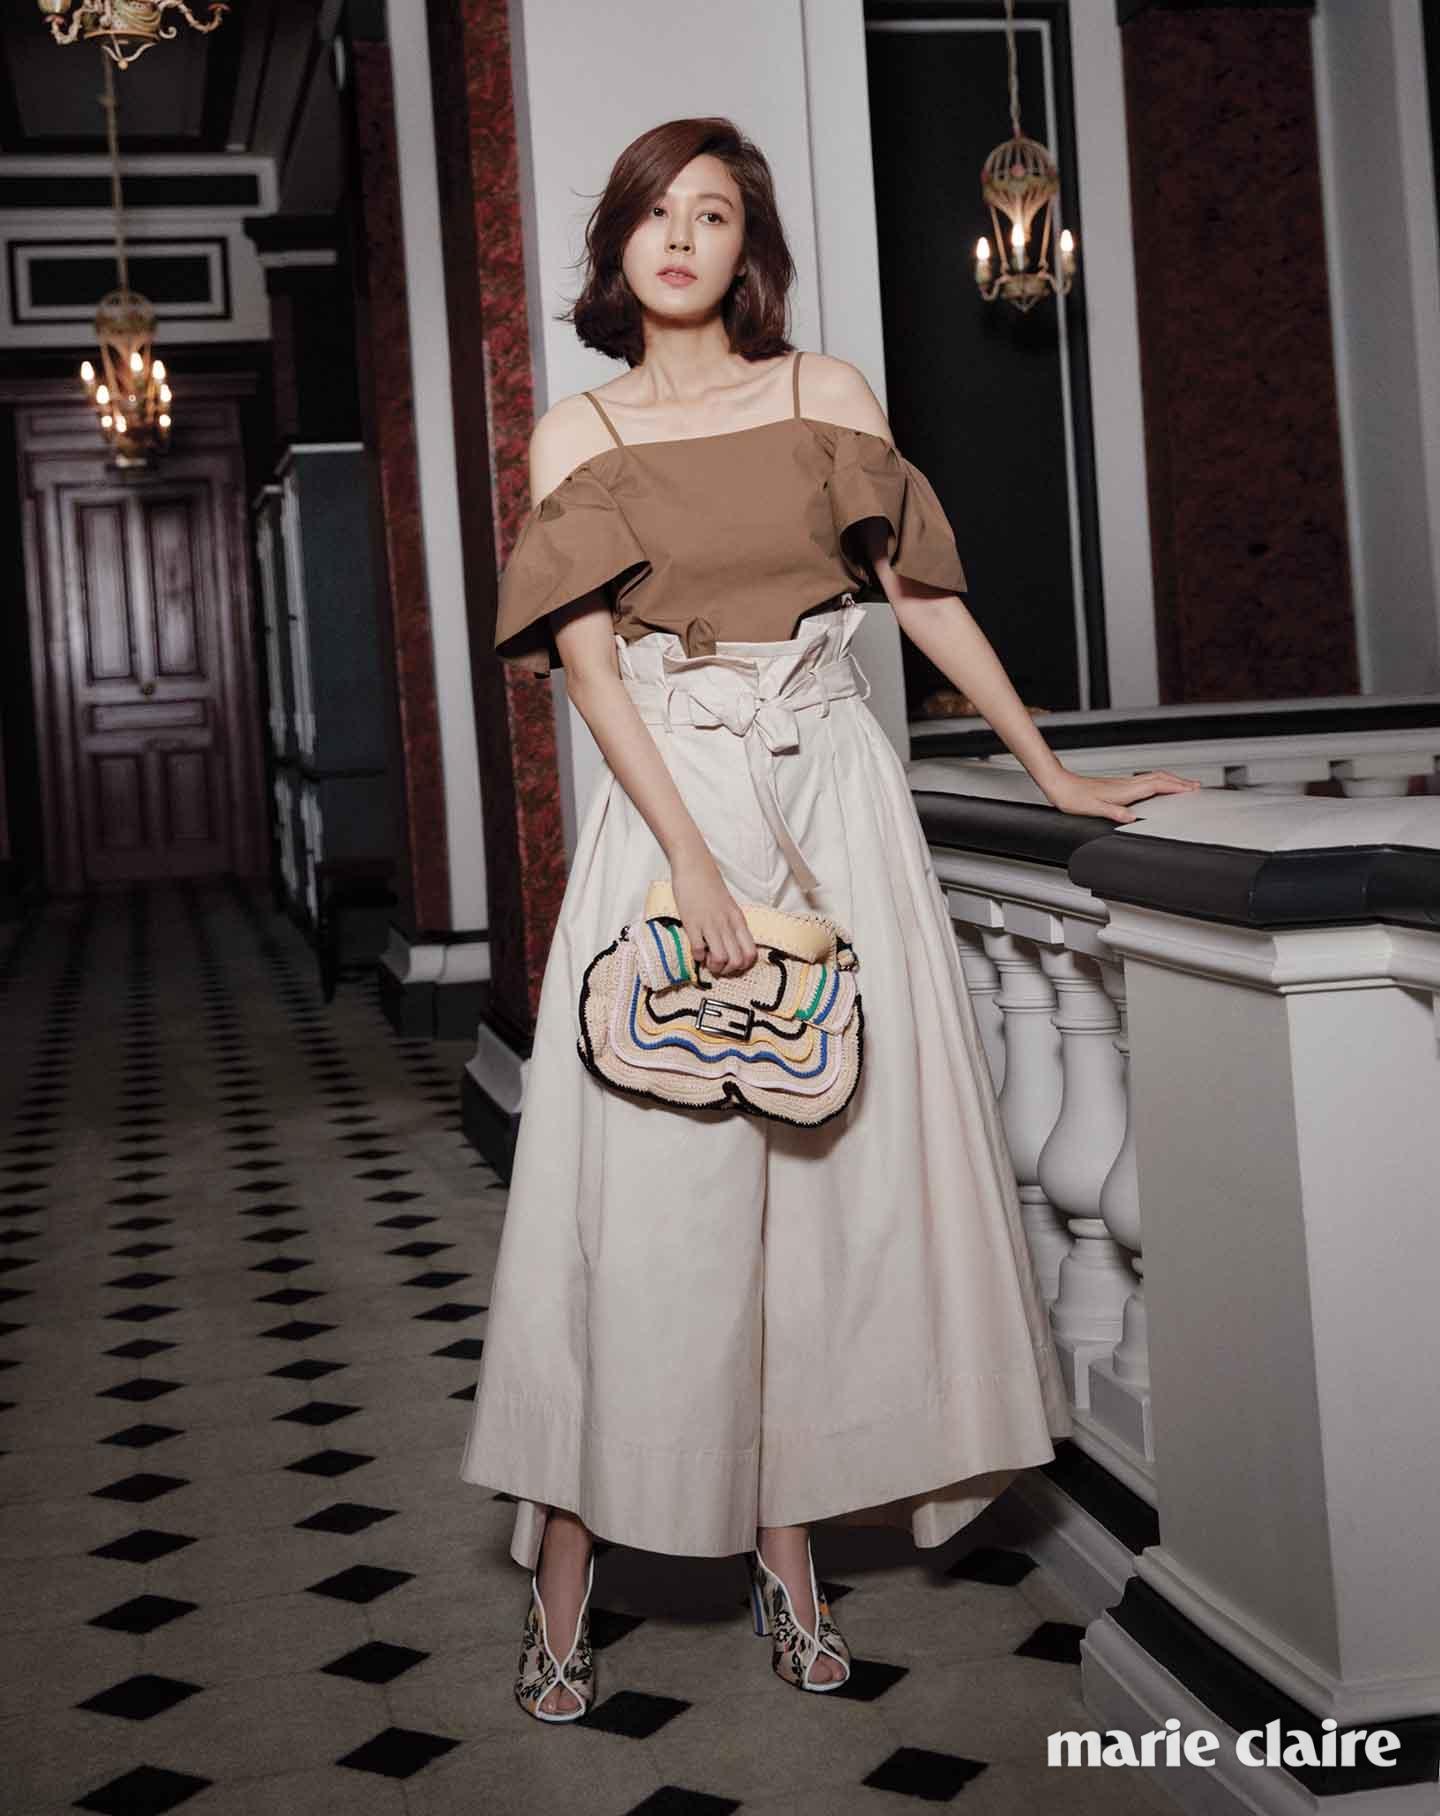 Suzy xinh đẹp nhưng style nhạt hơn hẳn các sao nữ khác trên tạp chí tháng 1 - Ảnh 22.